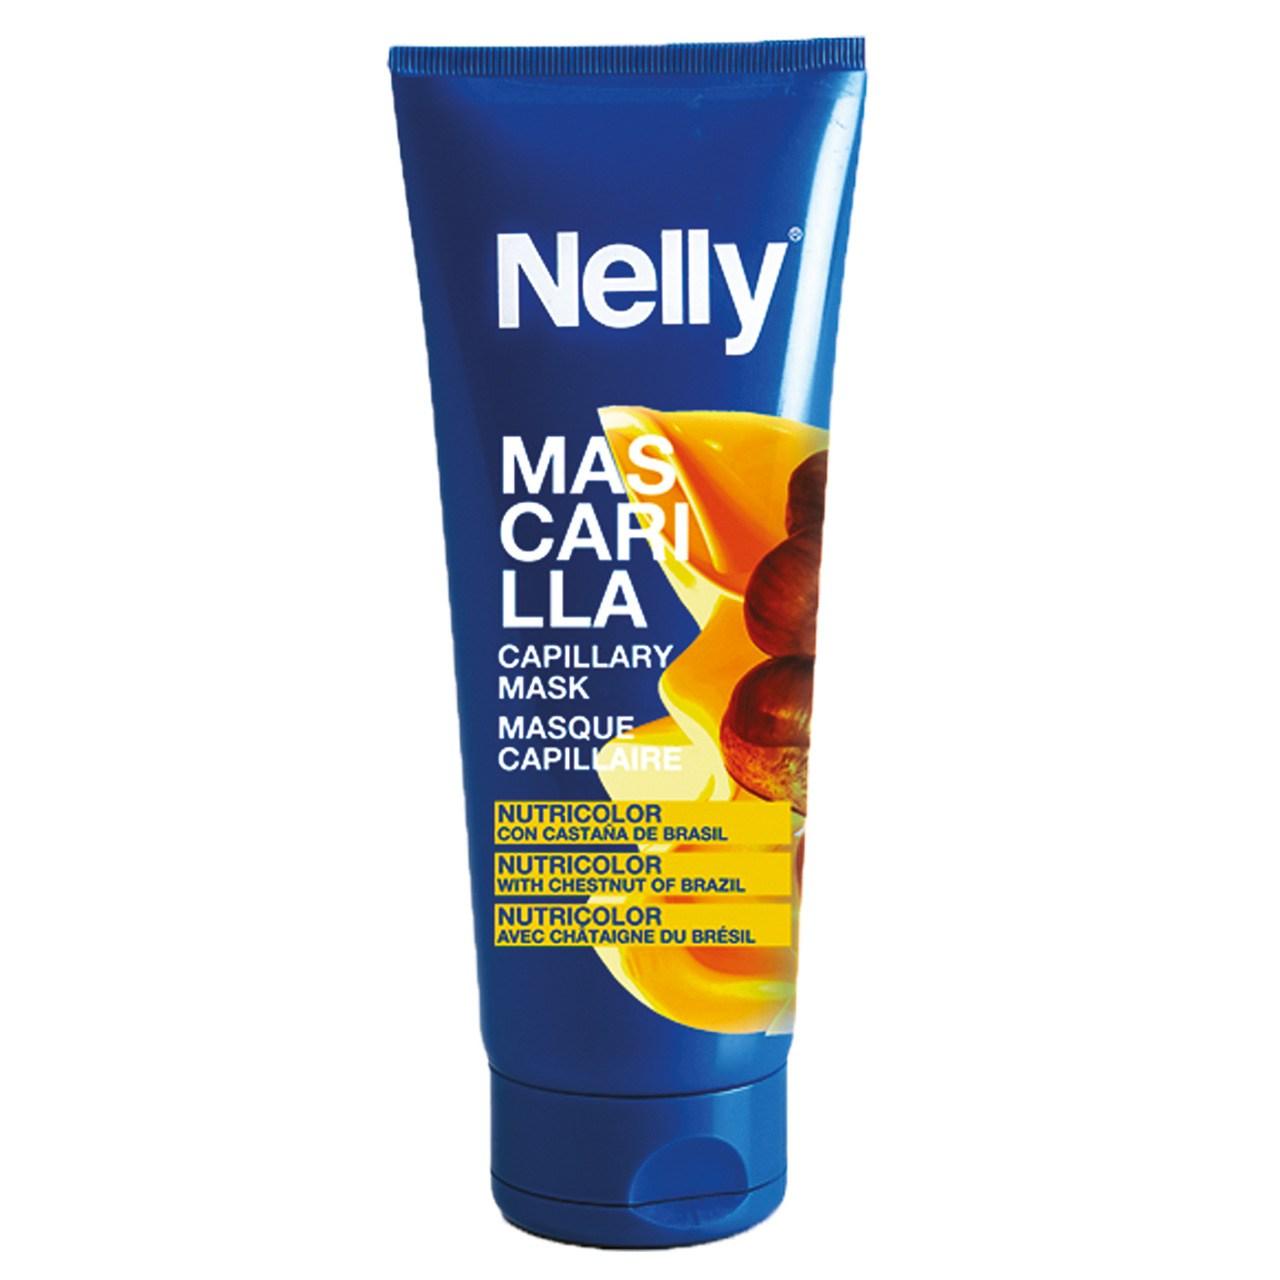 ماسک مو رنگ شده نلی مدل Chestnut Of Brazil حجم 200 میلی لیتر